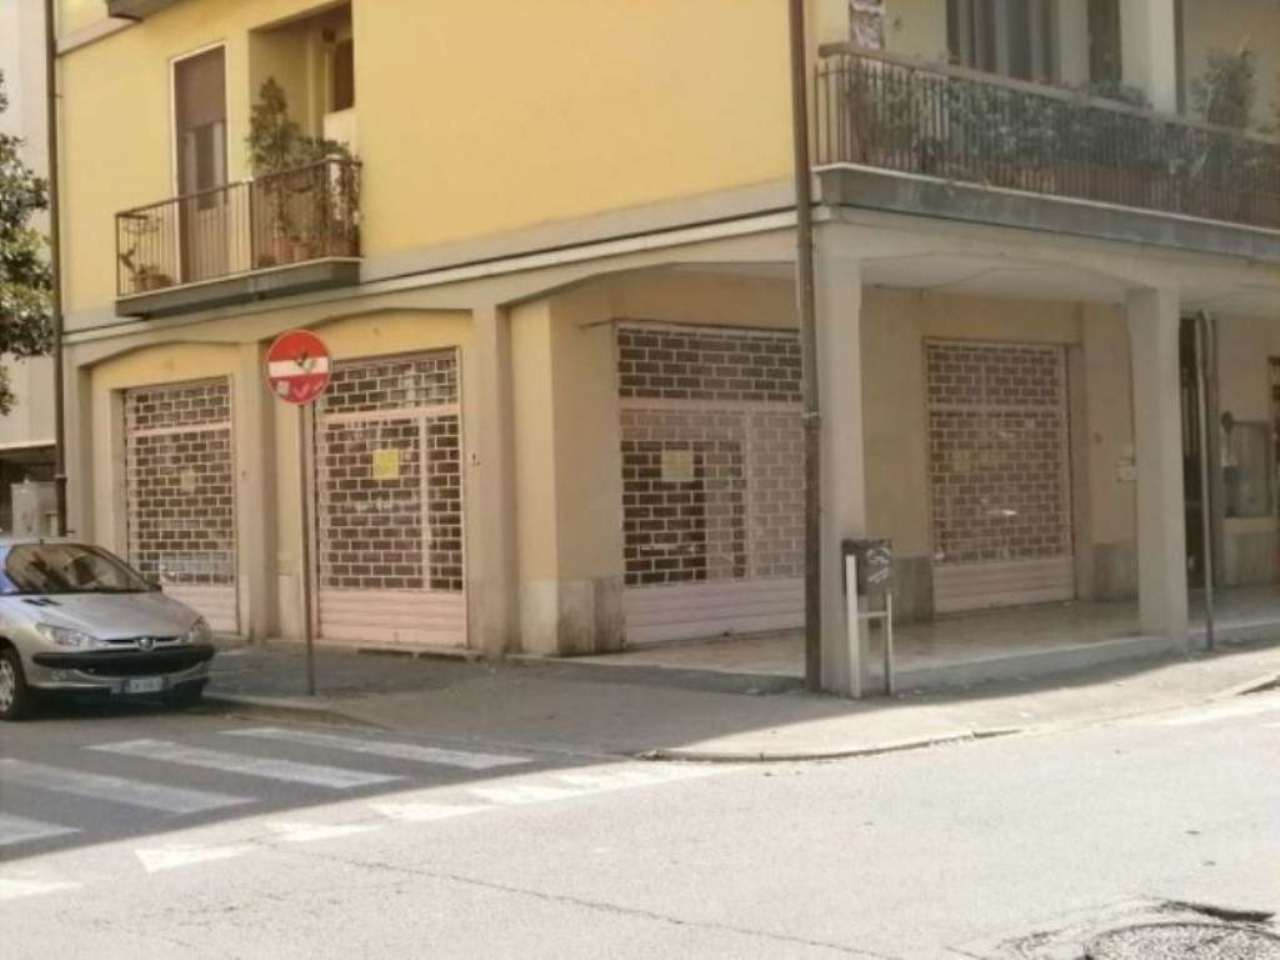 Negozio / Locale in vendita a Scandicci, 2 locali, prezzo € 180.000 | Cambio Casa.it